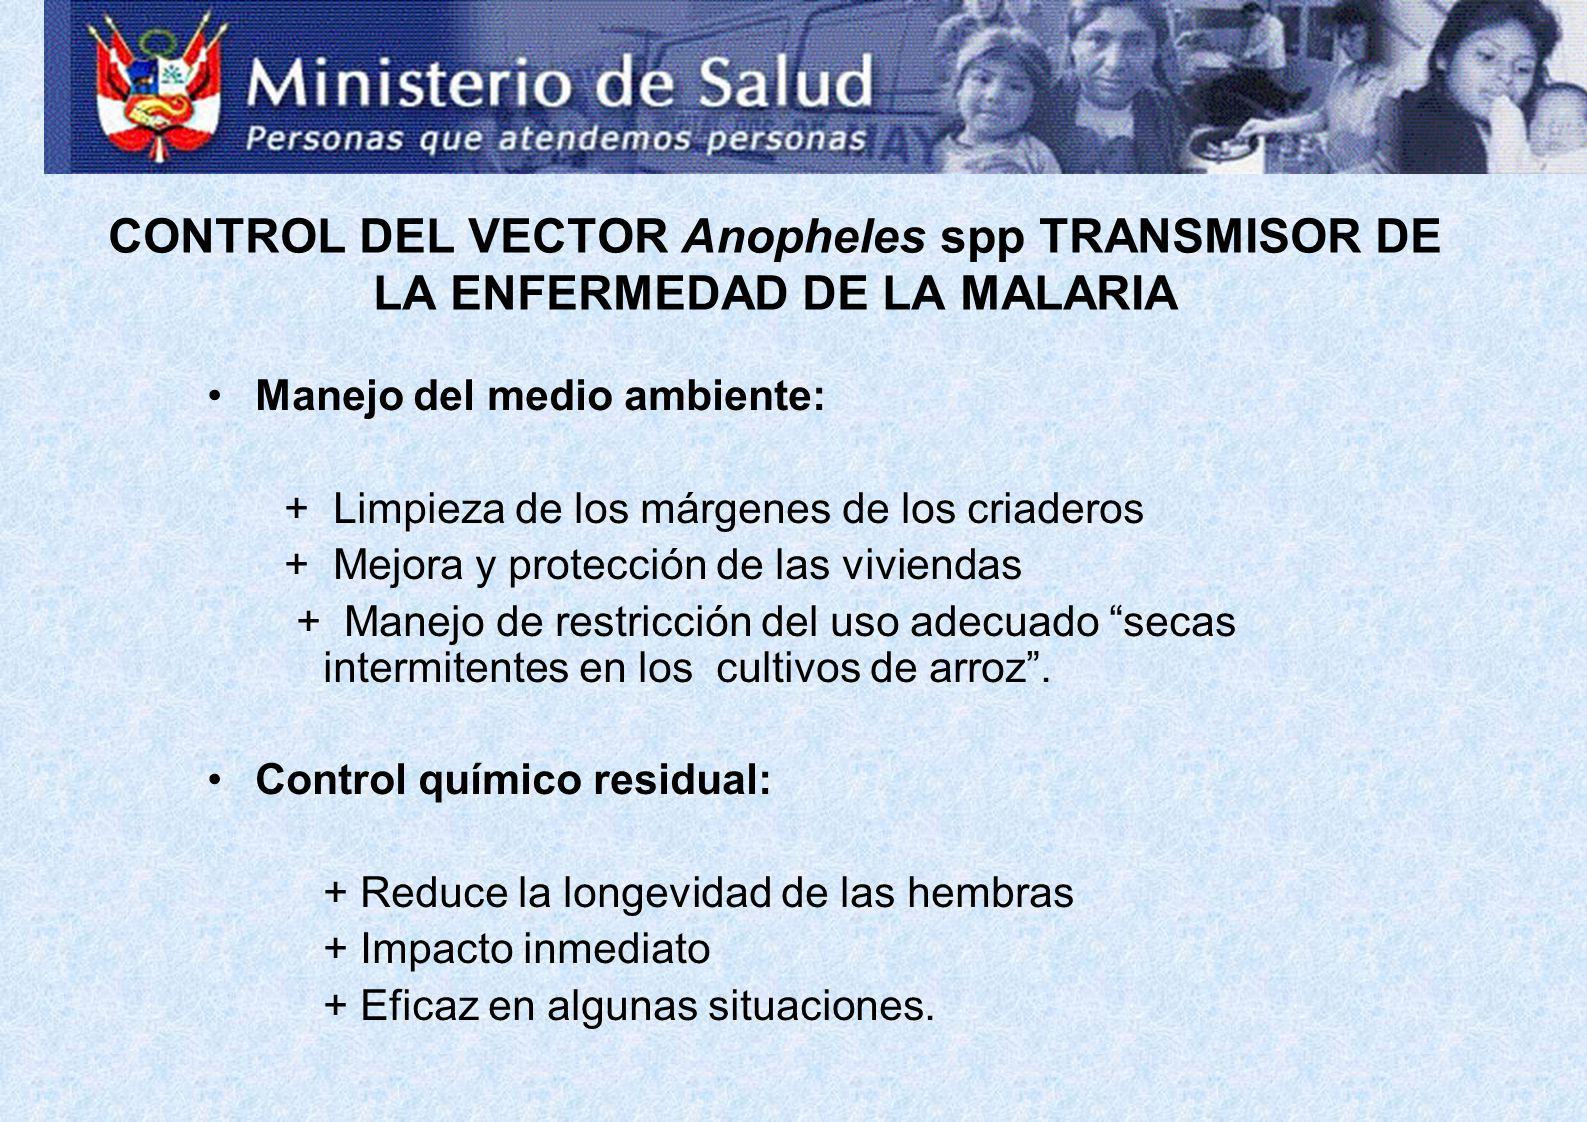 CONTROL DEL VECTOR Anopheles spp TRANSMISOR DE LA ENFERMEDAD DE LA MALARIA Manejo del medio ambiente: + Limpieza de los márgenes de los criaderos + Me